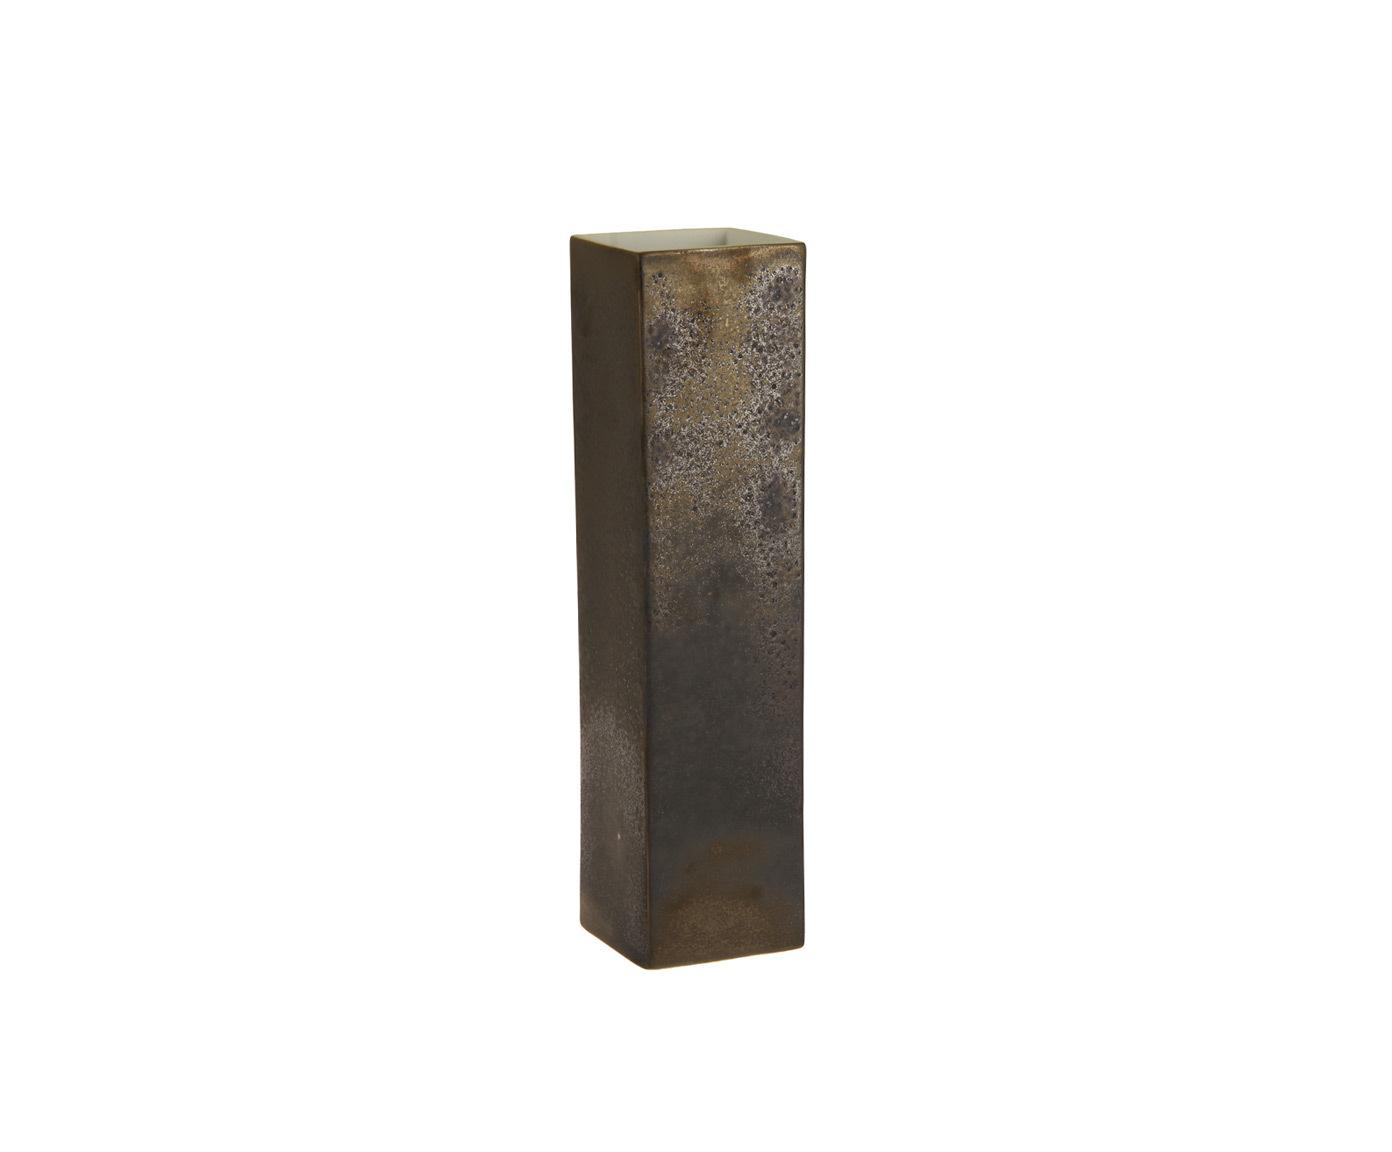 Вазы настольные Элитная ваза декоративная Bronze малая от S. Bernardo elitnaya-vaza-dekorativnaya-malaya-bronze-ot-s-bernardo-portugaliya.jpg